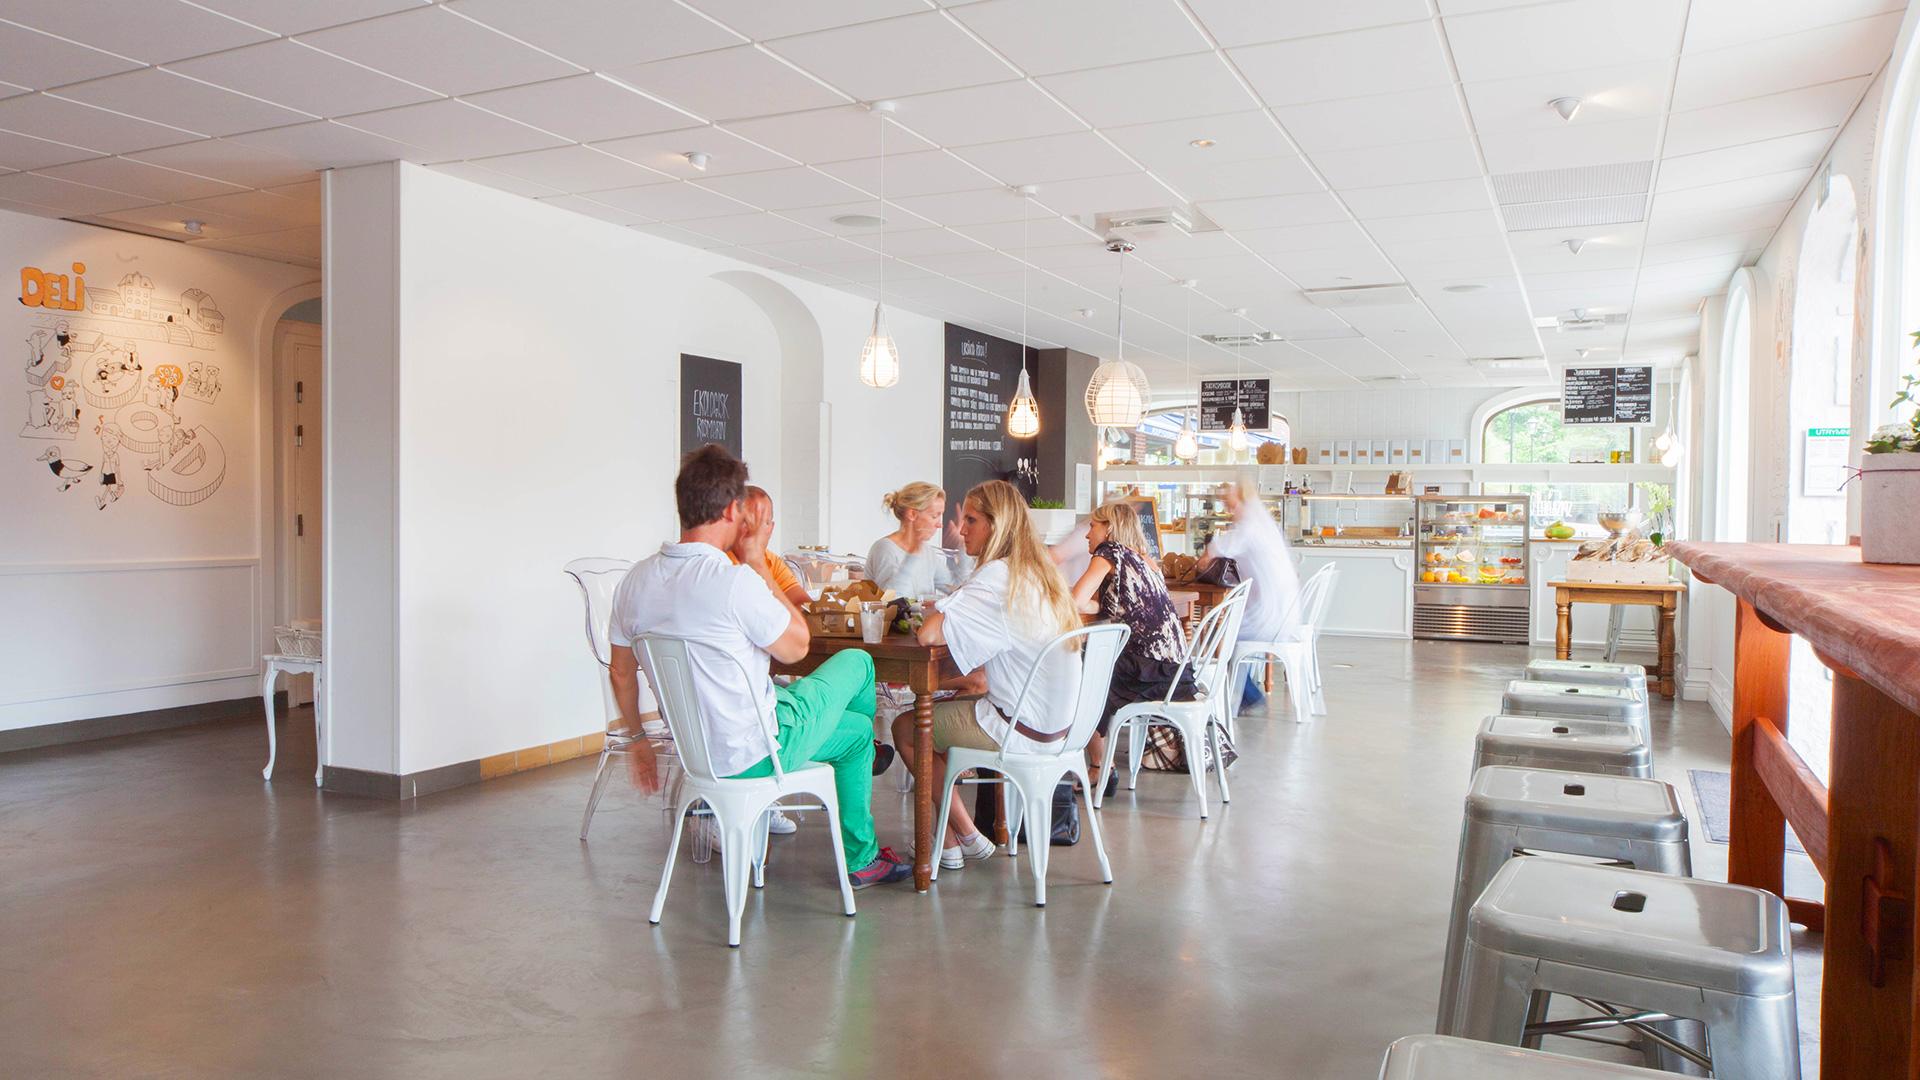 Spis&Deli Main Dining Room